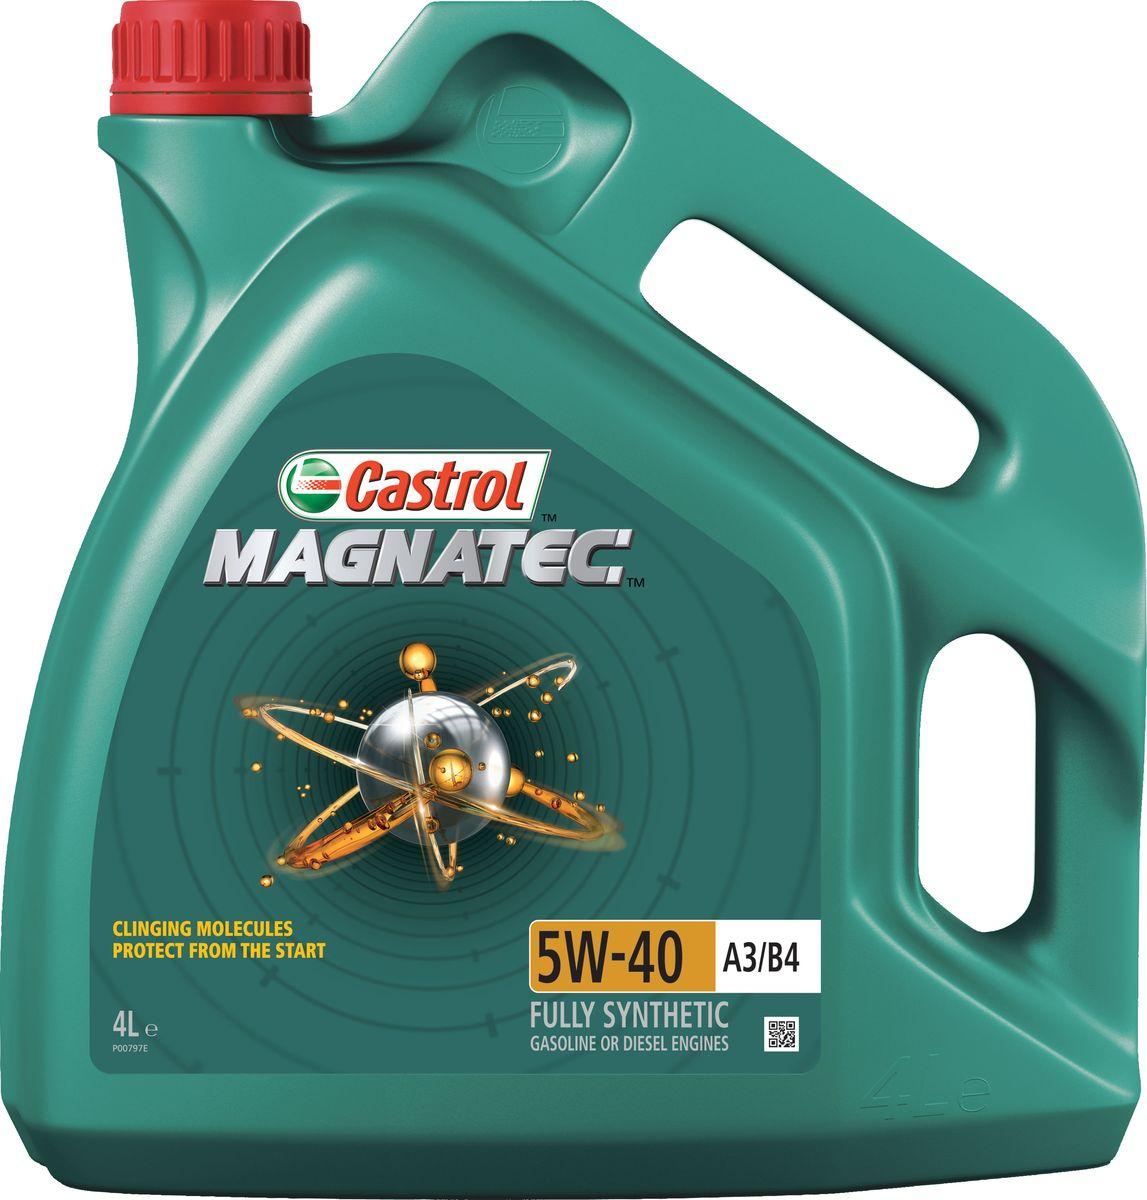 Моторное масло Castrol Magnatec 5W-40 A3/B4, 4 л156E9EОписание До 75% износа двигателя происходит во время его пуска и прогрева. Когда двигатель выключен, обычное масло стекает в поддон картера, оставляя важнейшие детали двигателя незащищенными. Молекулы Castrol Magnatec подобно магниту притягиваются к деталям двигателя и образуют сверхпрочную масляную пленку, обеспечивающую дополнительную защиту двигателя в период пуска, когда риск возникновения износа существенно возрастает. Применение Всесезонное полностью синтетическое моторное масло Castrol Magnatec 5W-40 A3/B4 подходит для применения в бензиновых и дизельных двигателях, в которых производитель рекомендует использовать смазочные материалы спецификаций API SN/CF, ACEA A3/B3, A3/B4 или более ранних, класса вязкости SAE 5W-40. Castrol Magnatec 5W-40 A3/B4 одобрено к применению большинством автопроизводителей (см. раздел «Спецификации» и руководство по эксплуатации автомобиля). Преимущества Молекулы Castrol Magnatec Intelligent Molecules: - удерживаются на важнейших деталях двигателя,...